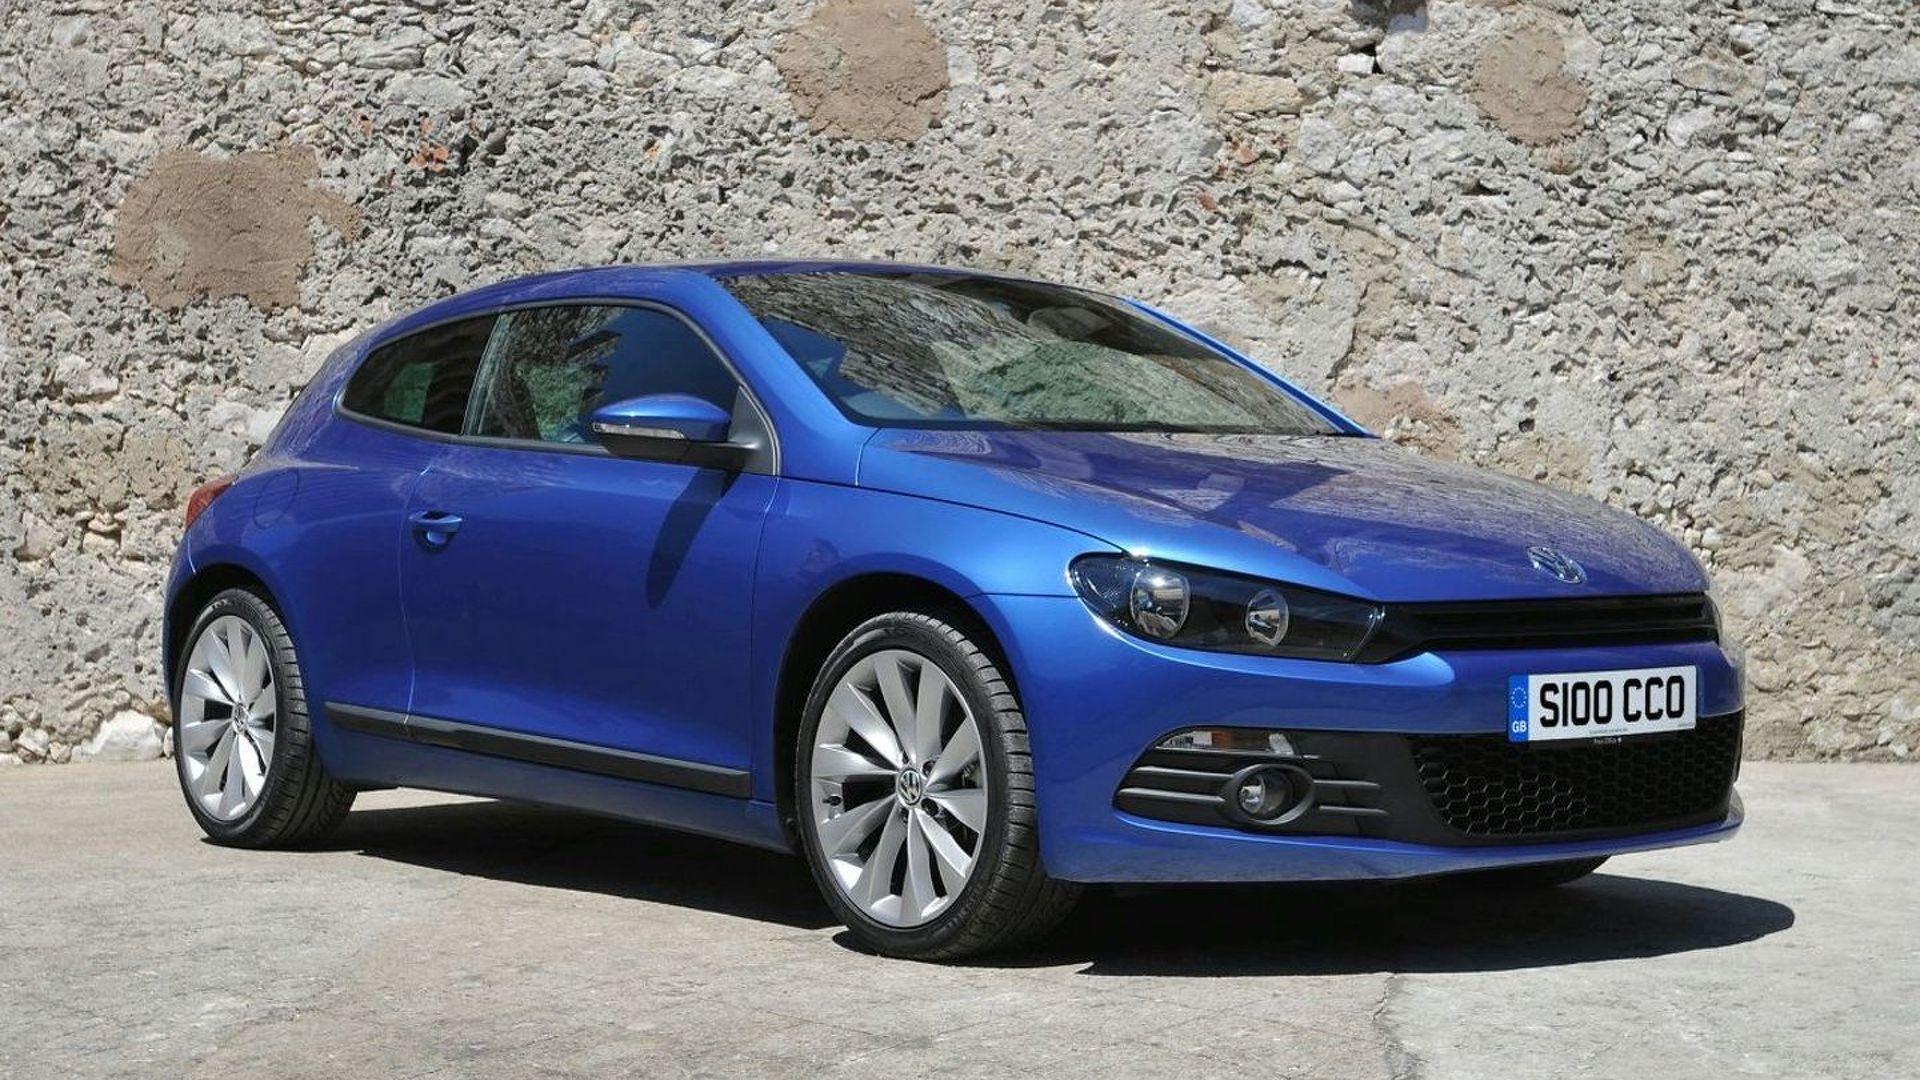 Volkswagen scirocco for sale in usa - Volkswagen Scirocco For Sale In Usa 28